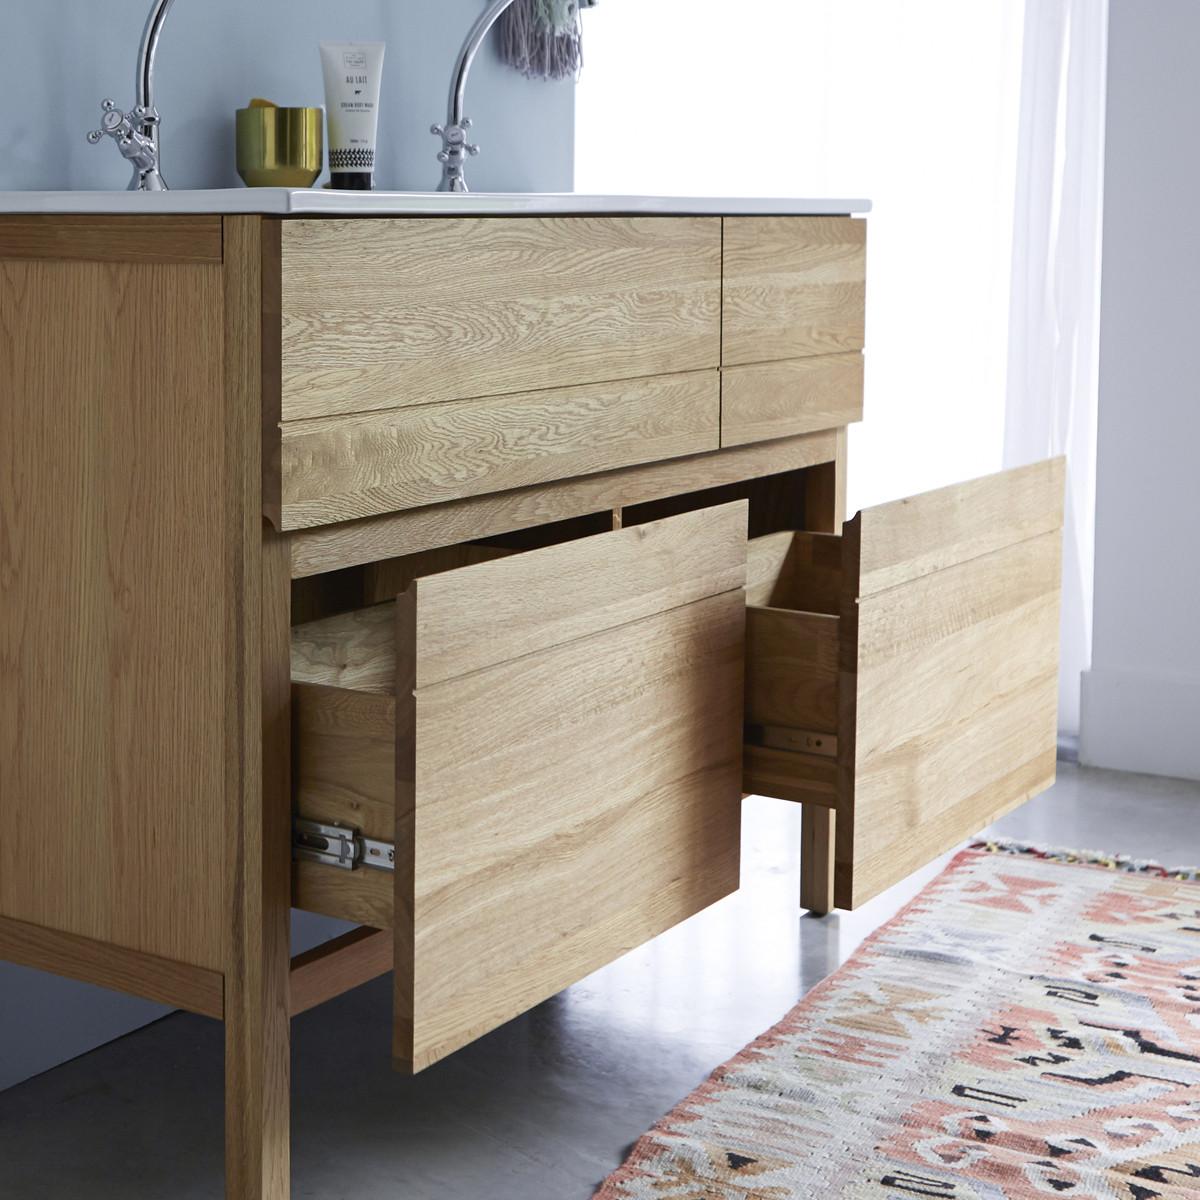 EASY tölgyfa fürdőszoba szekrény dupla kerámia mosdóval 120